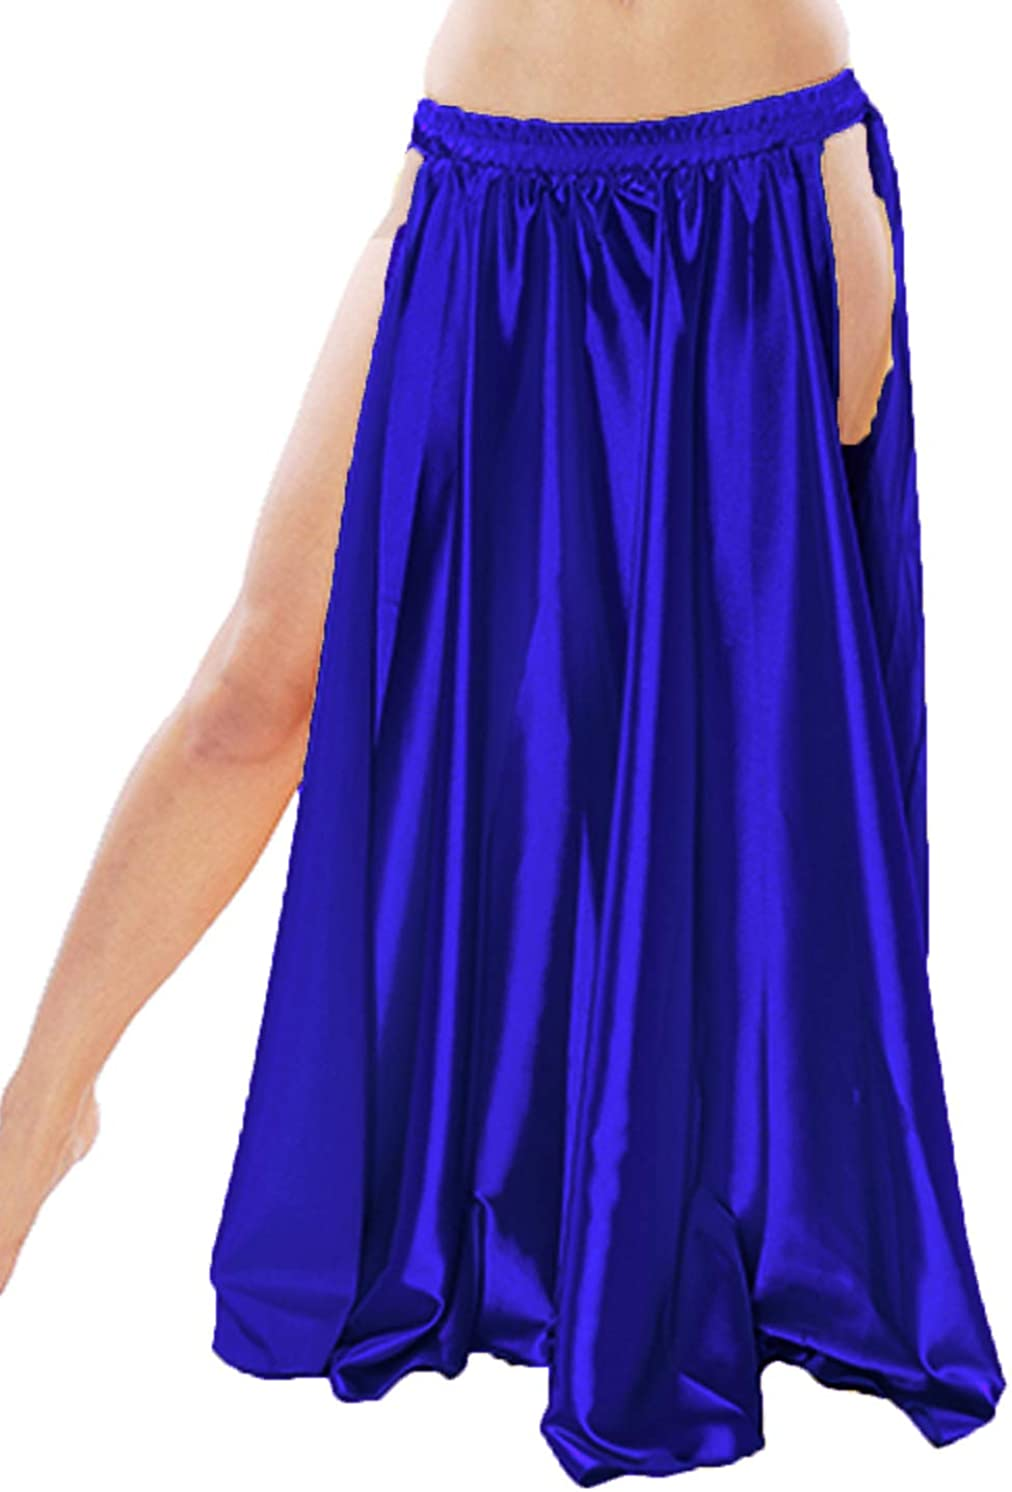 Meek Mercery Women Skirt Belly Dance Satin Side Slit A Line Skirt Pannel Skirt Tribal One Size S1